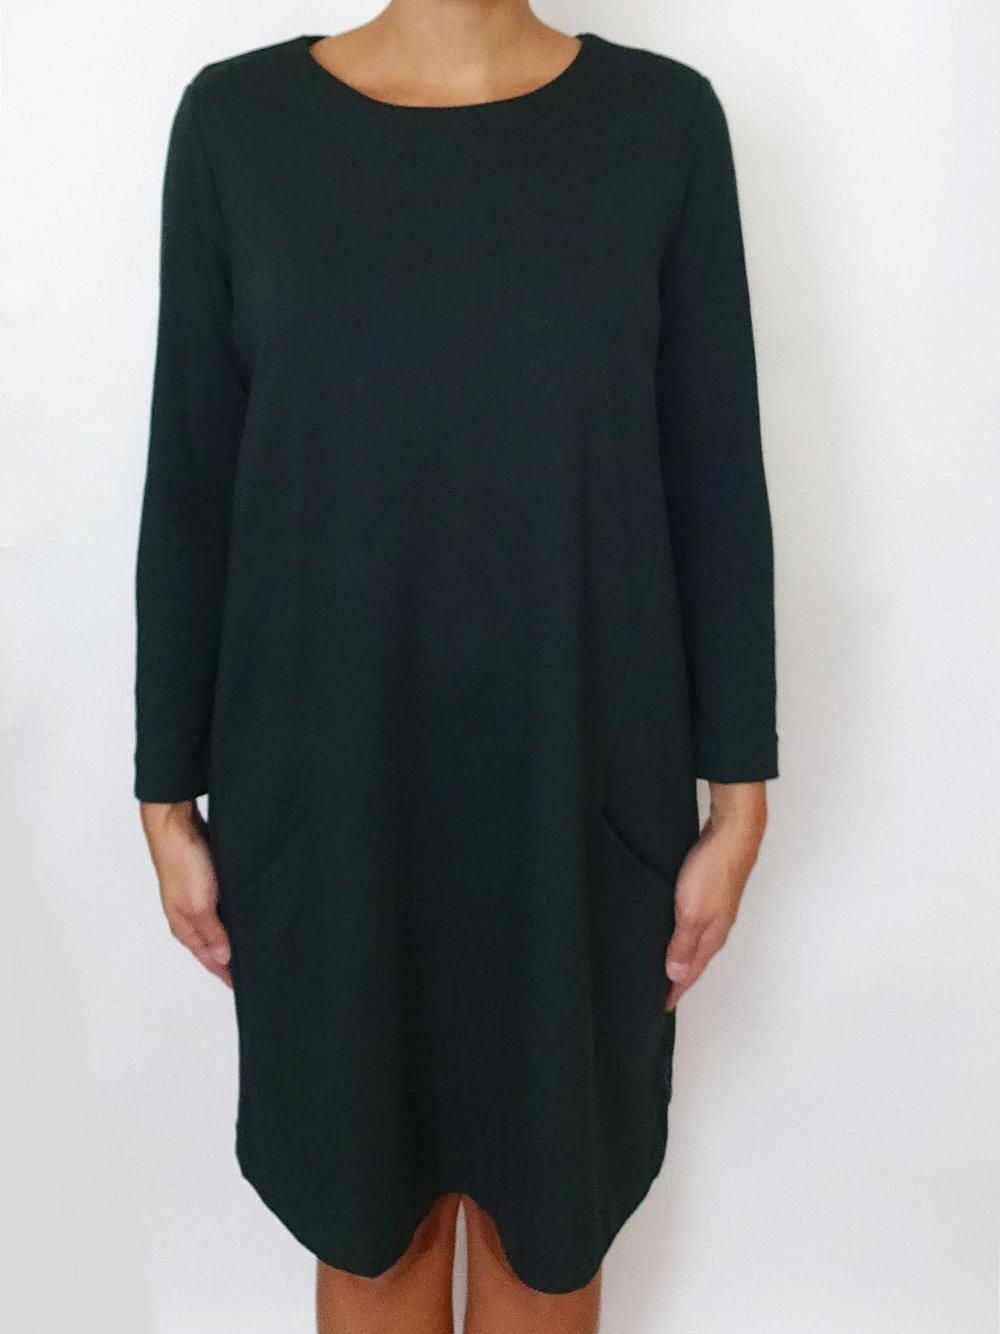 Grünes Basic Kleid Herbst Winter Taschen Gr. 20 Gr. M